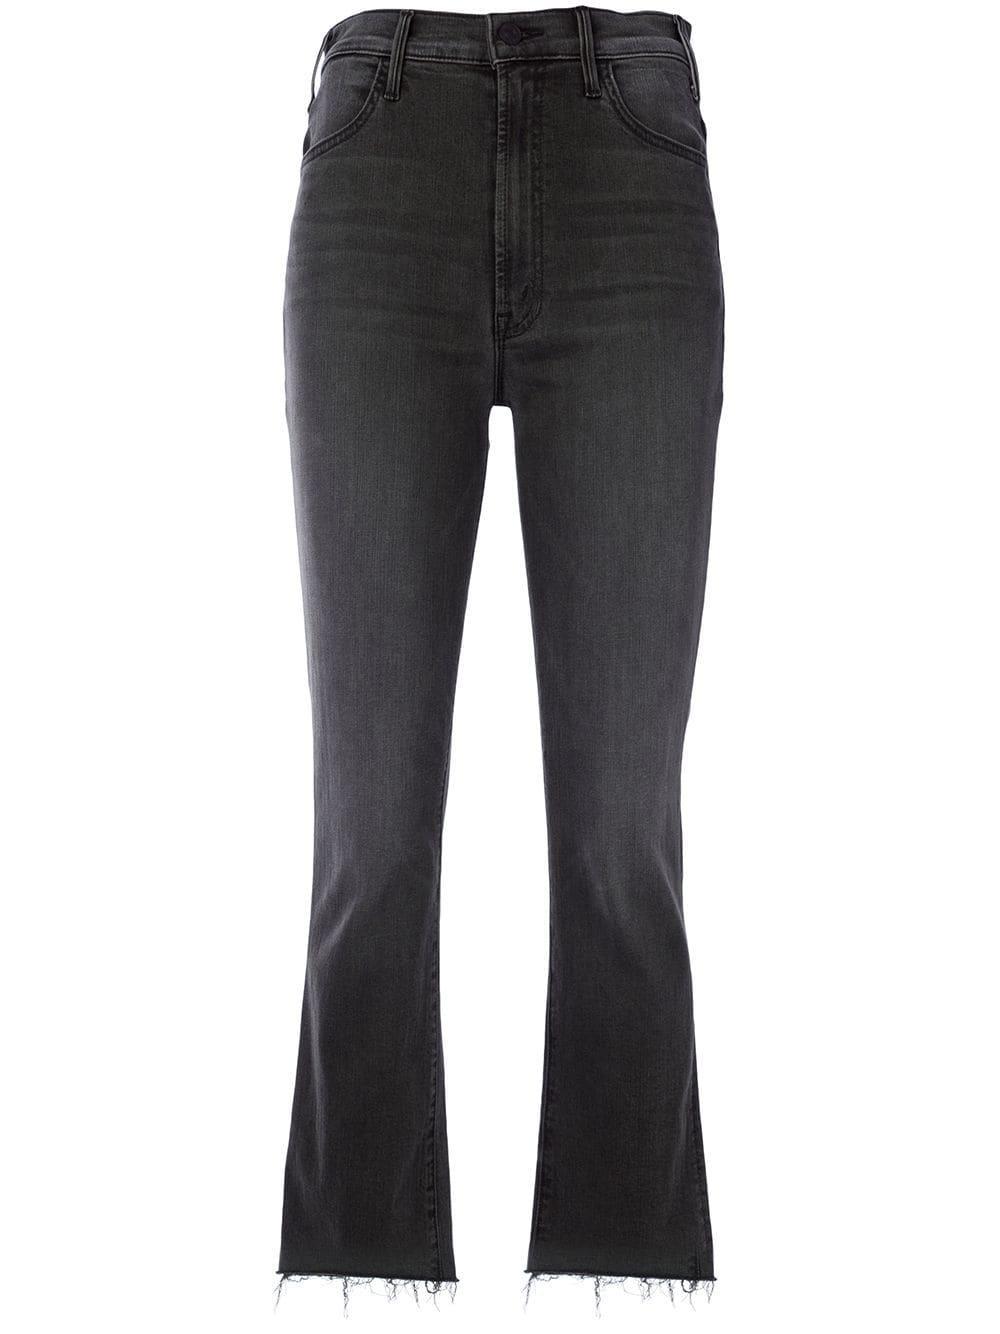 Hustler Ankle Fray Jeans Item # 1117-1800